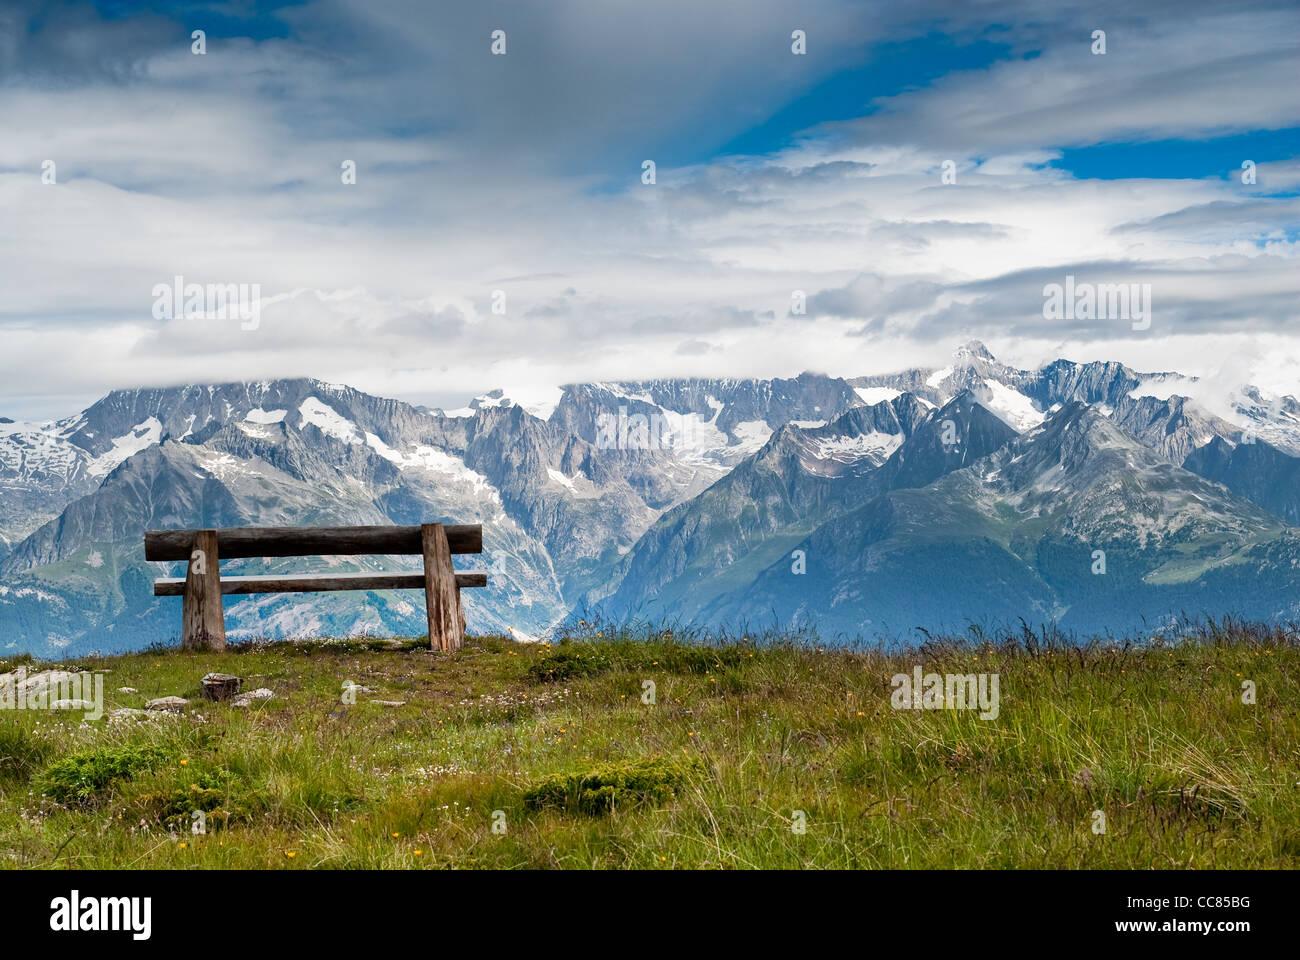 Banc de parc vide en haute montagne, vue de Hannigalp, Valais, Suisse Photo Stock